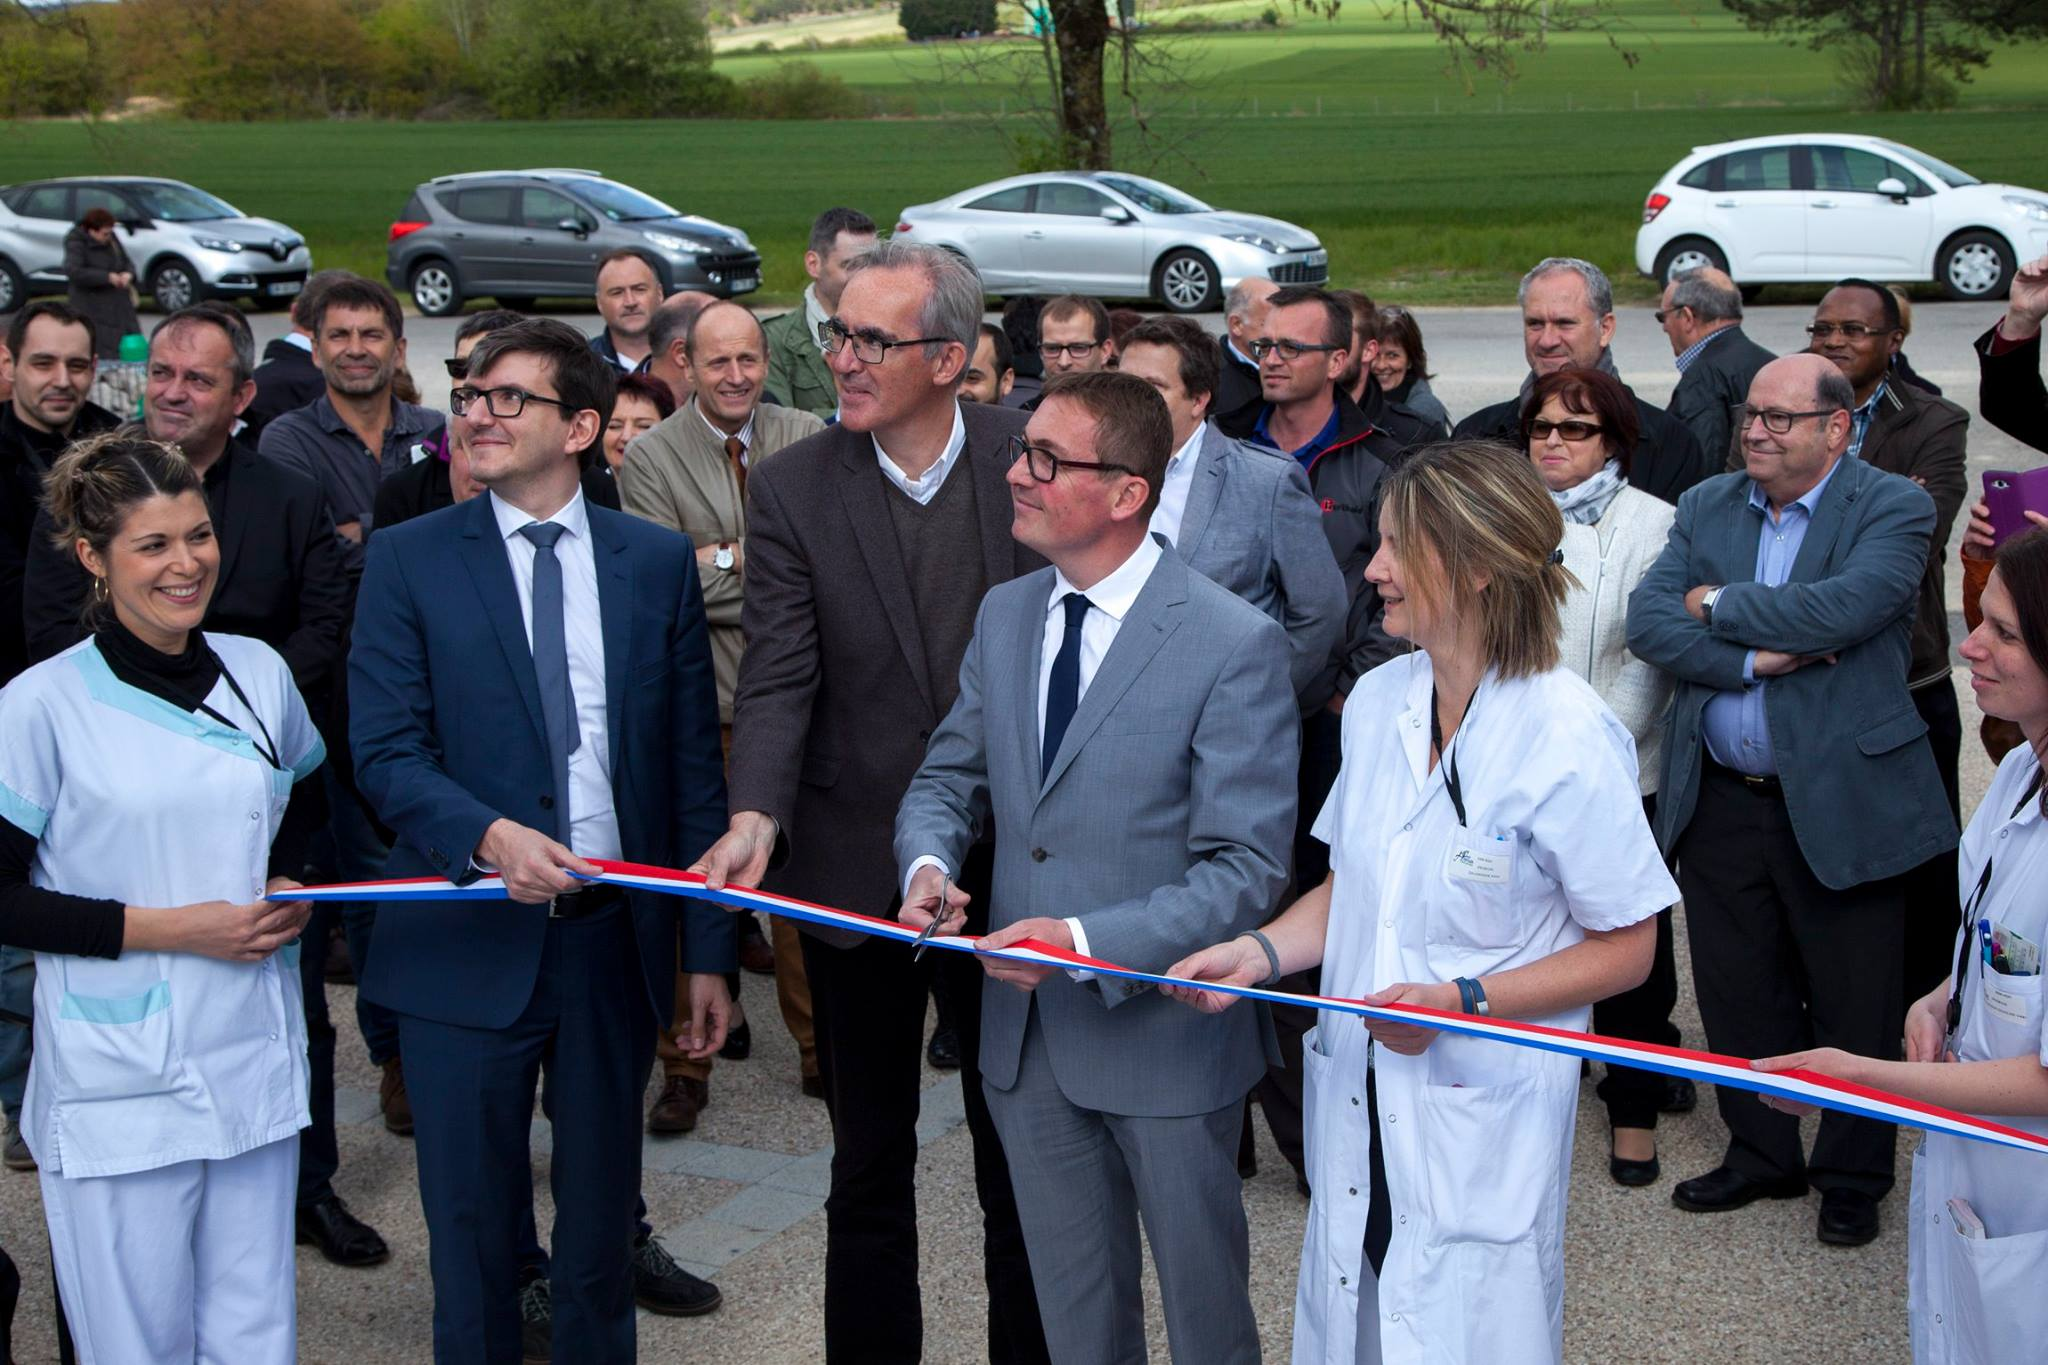 Inauguration du nouveau bâtiment sur le site de Désandrouins